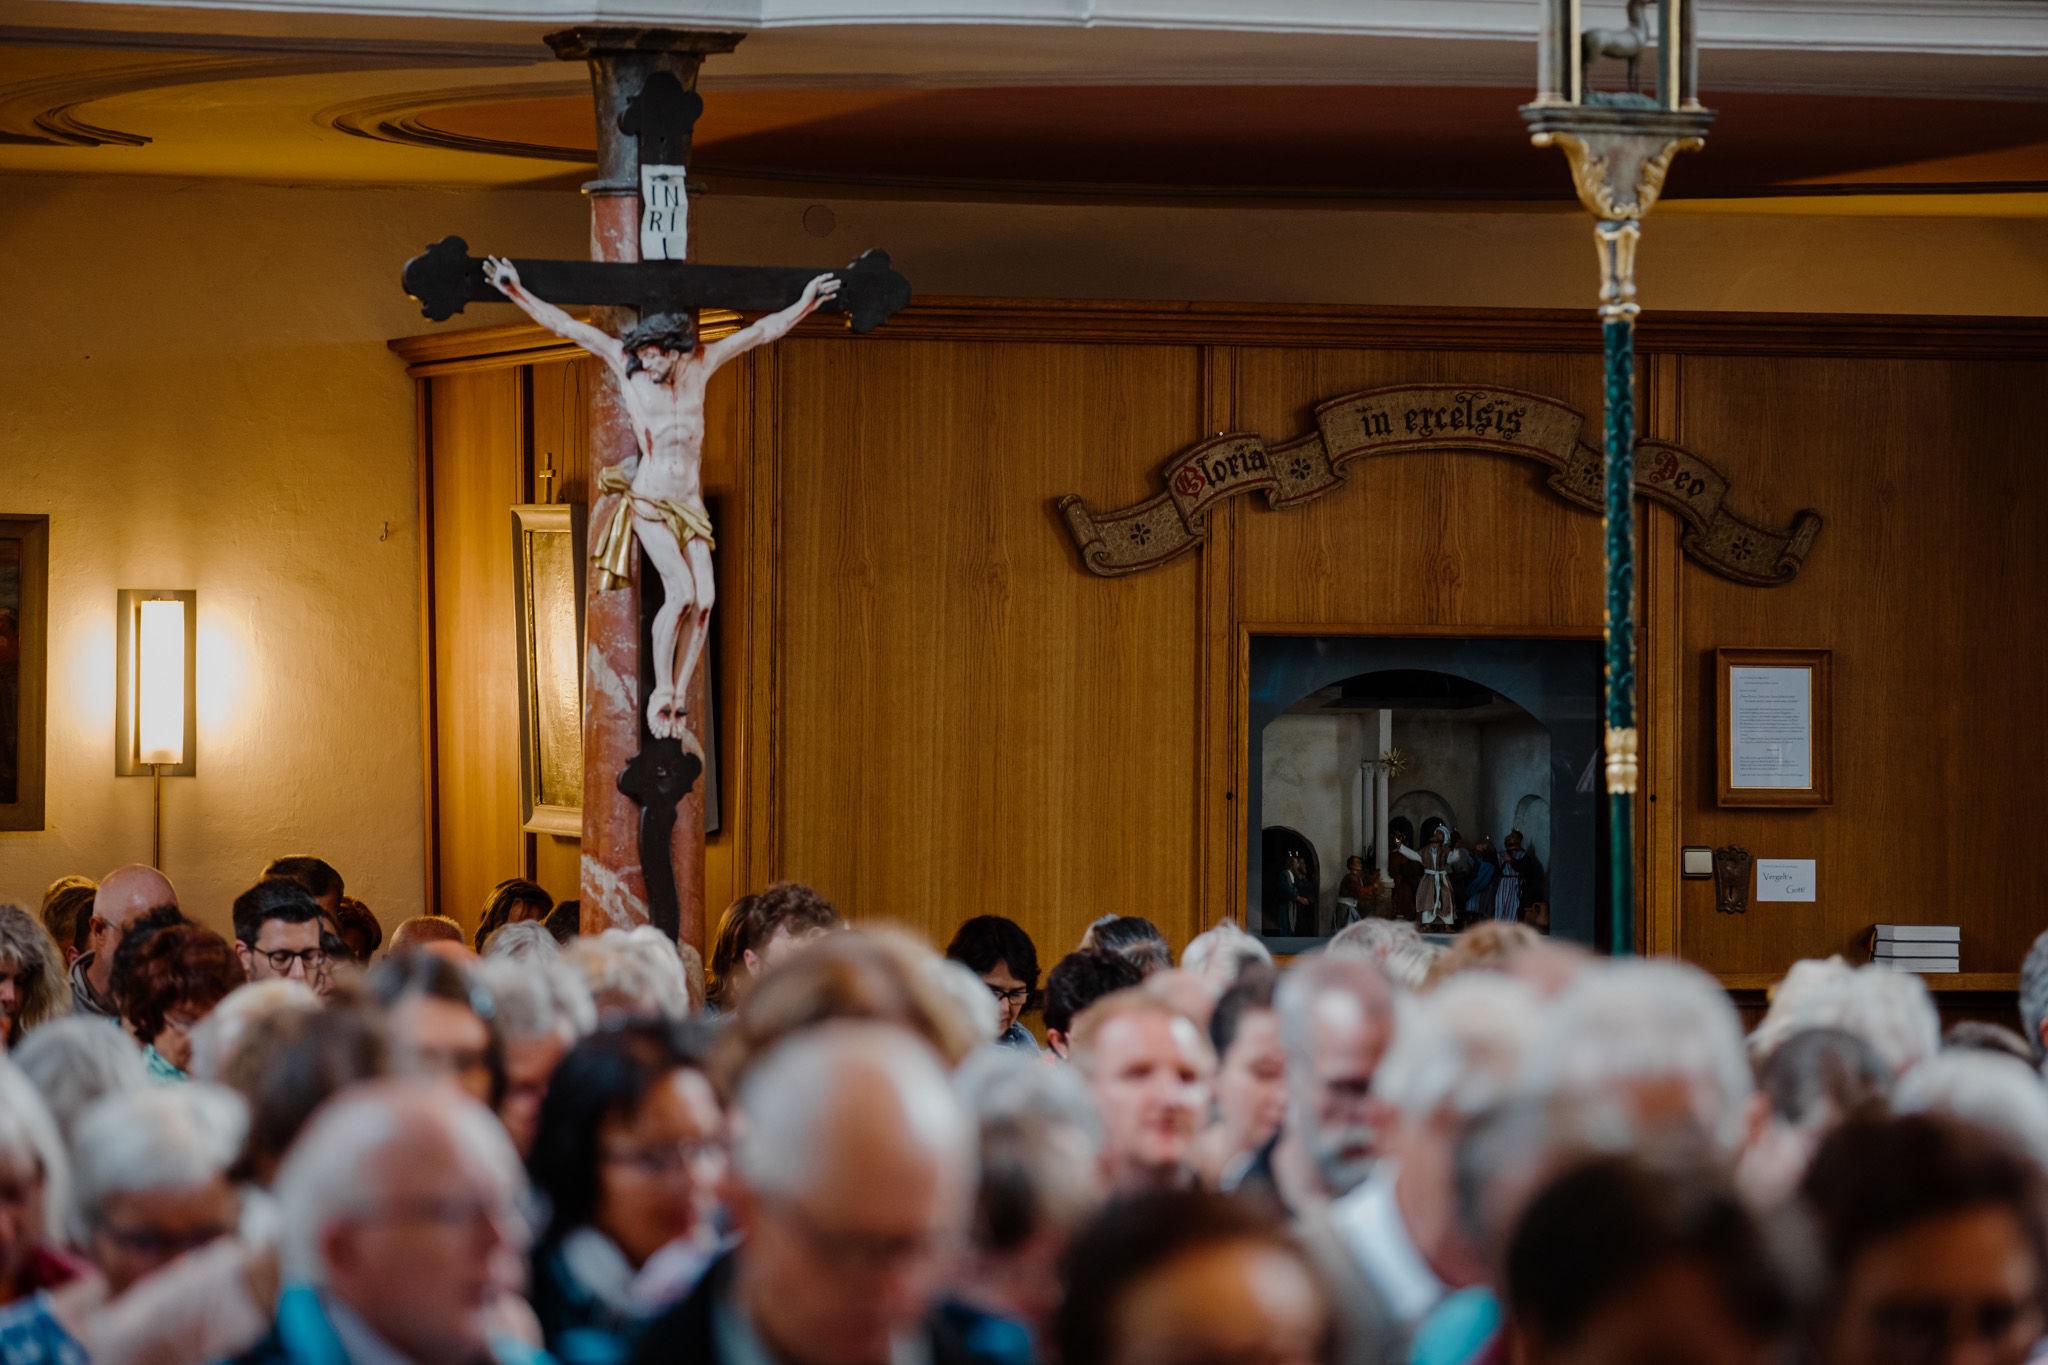 Ein Blick über die Köpfe der Gottesdienstbesucher*innen auf ein Kruzifix.